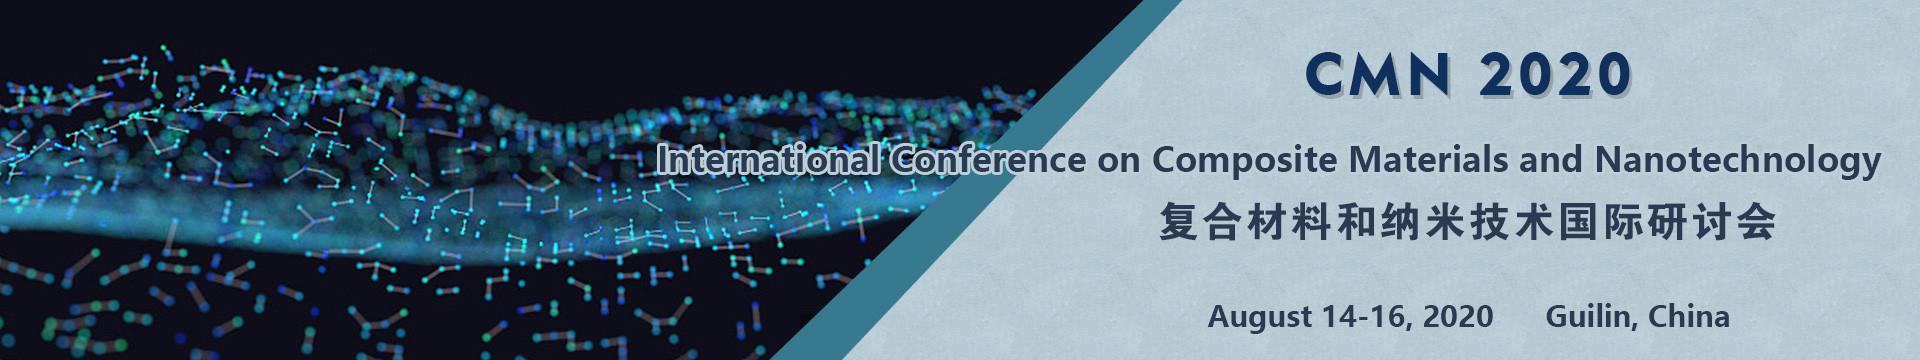 2020复合材料和纳米技术国际研讨会 (2020 CMN)